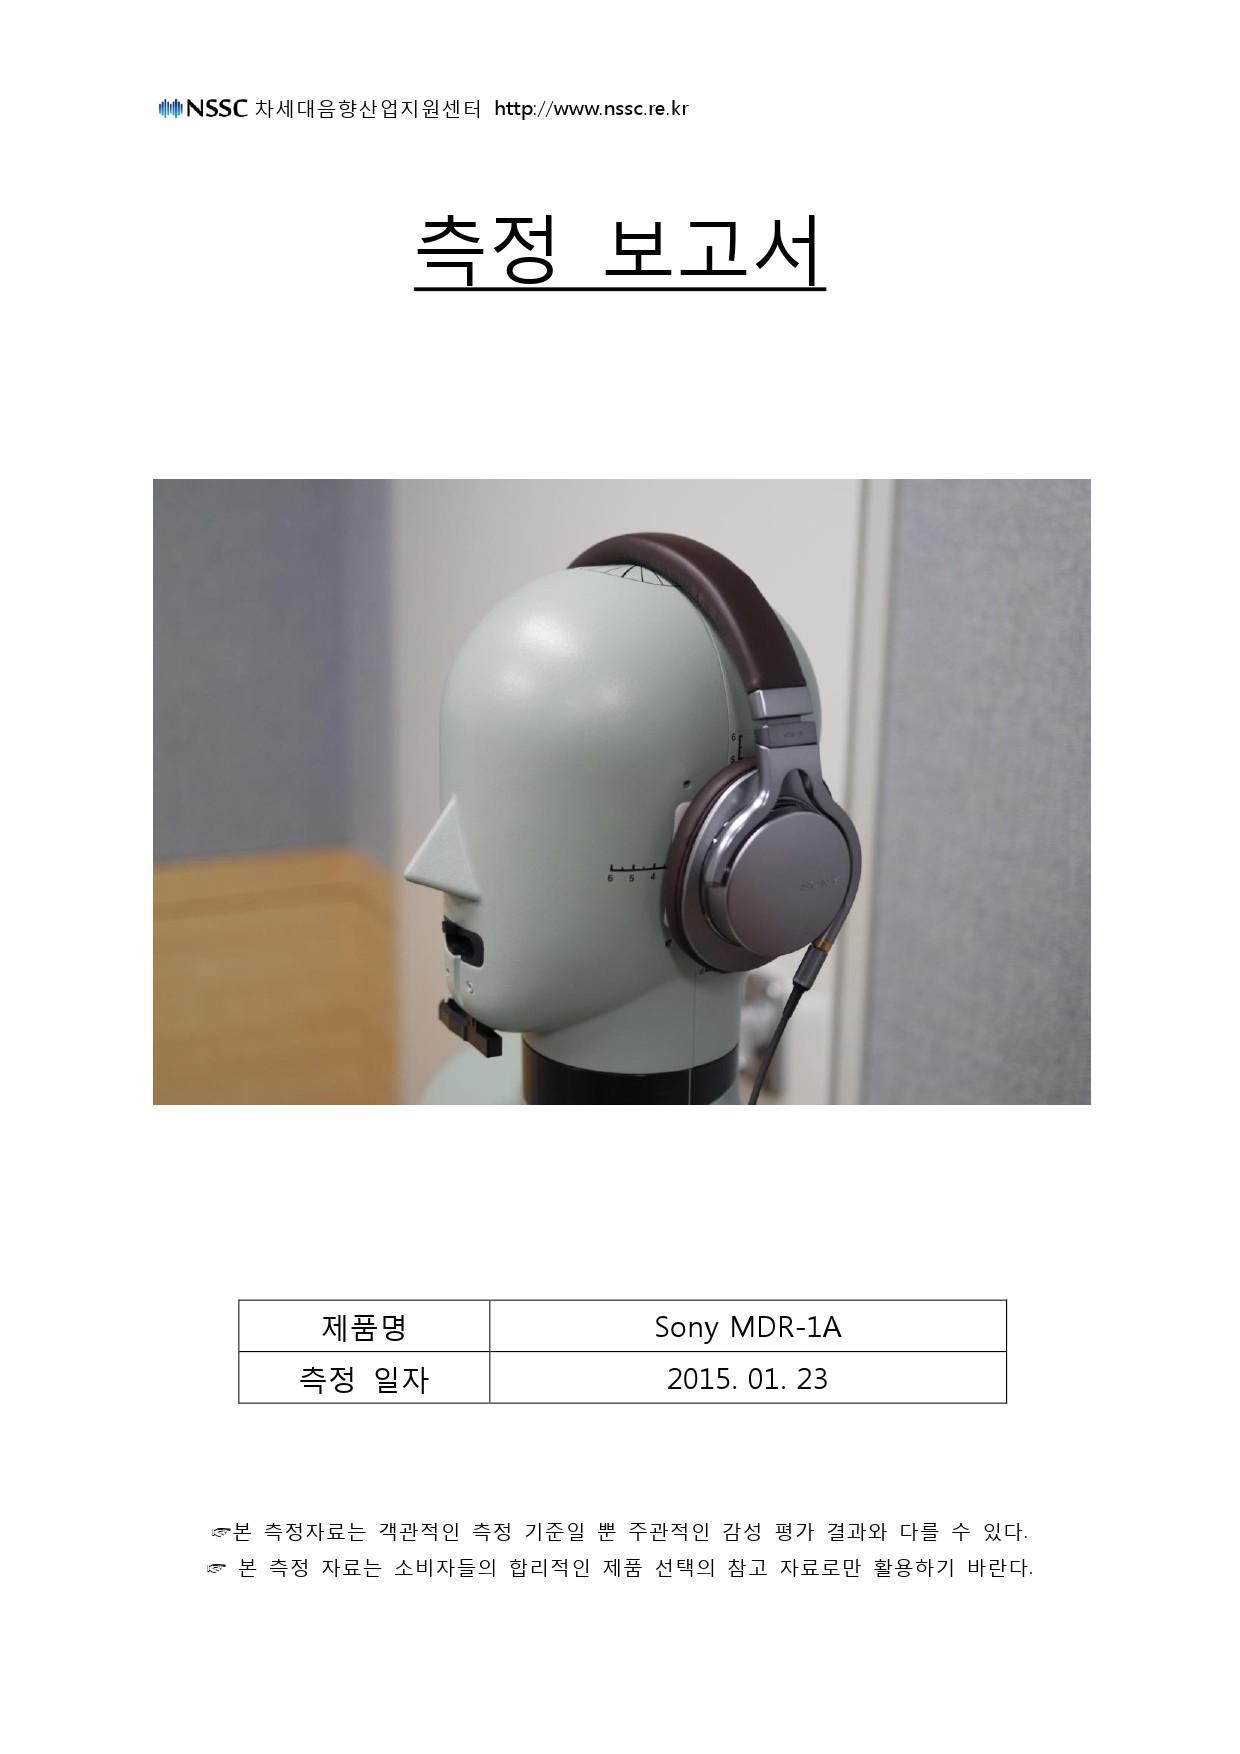 Sony_MDR-1A-1.jpg